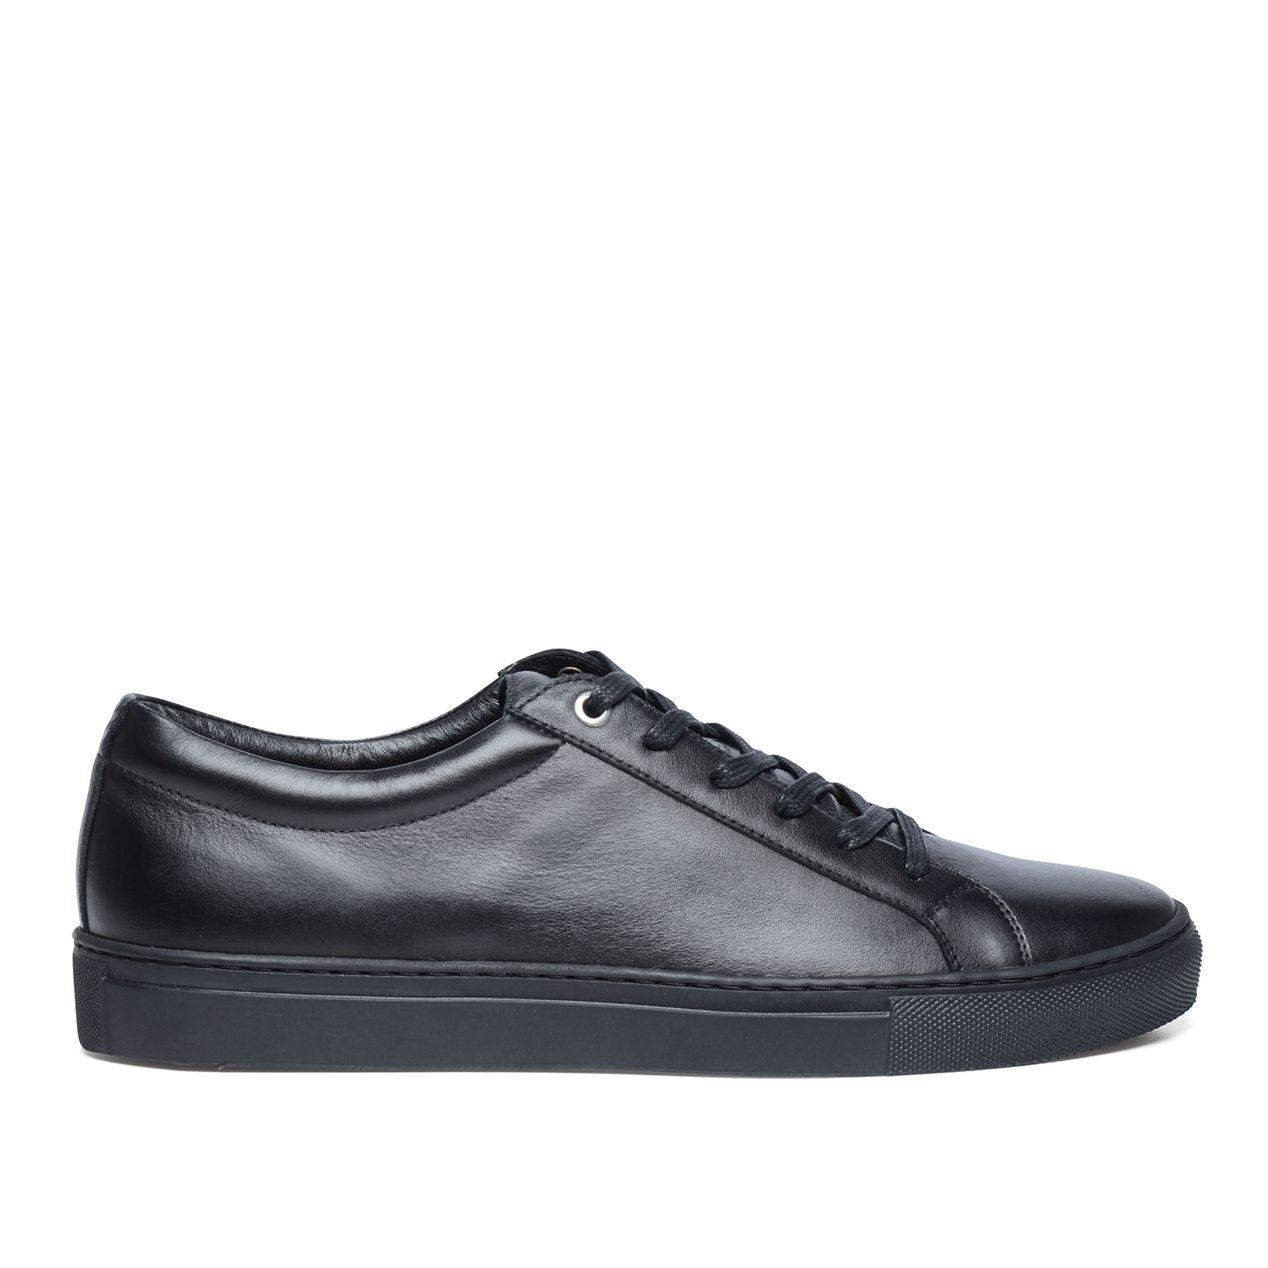 Zwarte Leren Schoudertassen : Zwarte leren sneakers herenschoenen sacha be